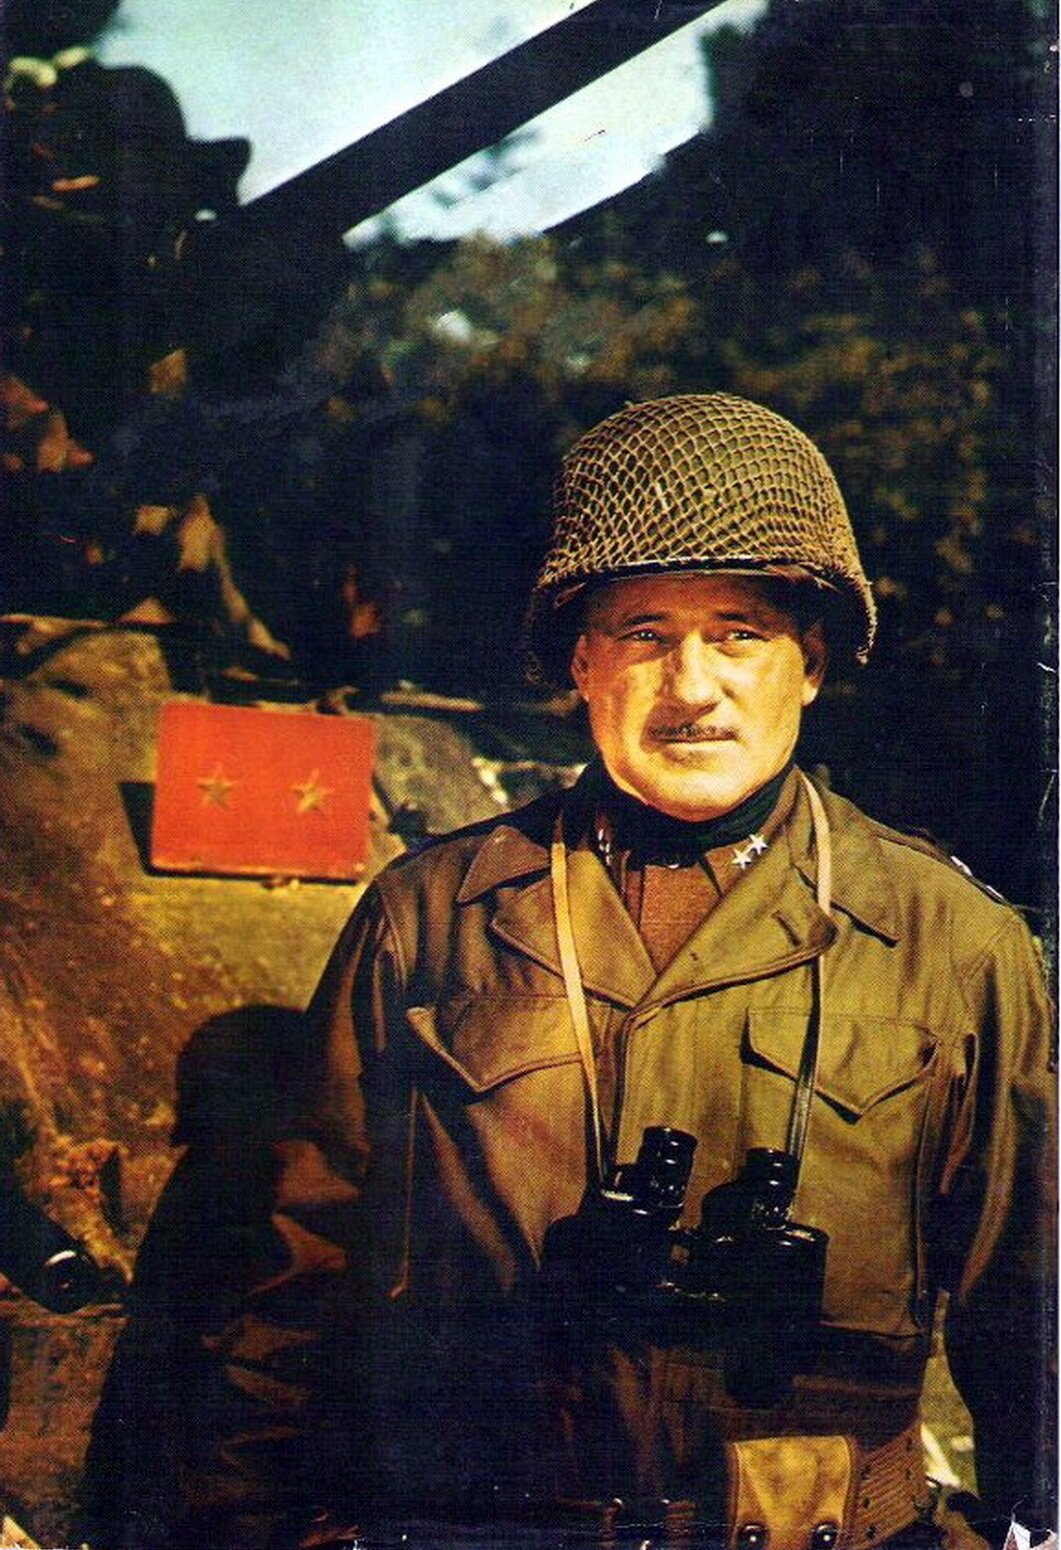 """""""Old Gravel Voice"""" Major General Ernest N. Harmon. 12 September 1944 – 19 January 1945."""